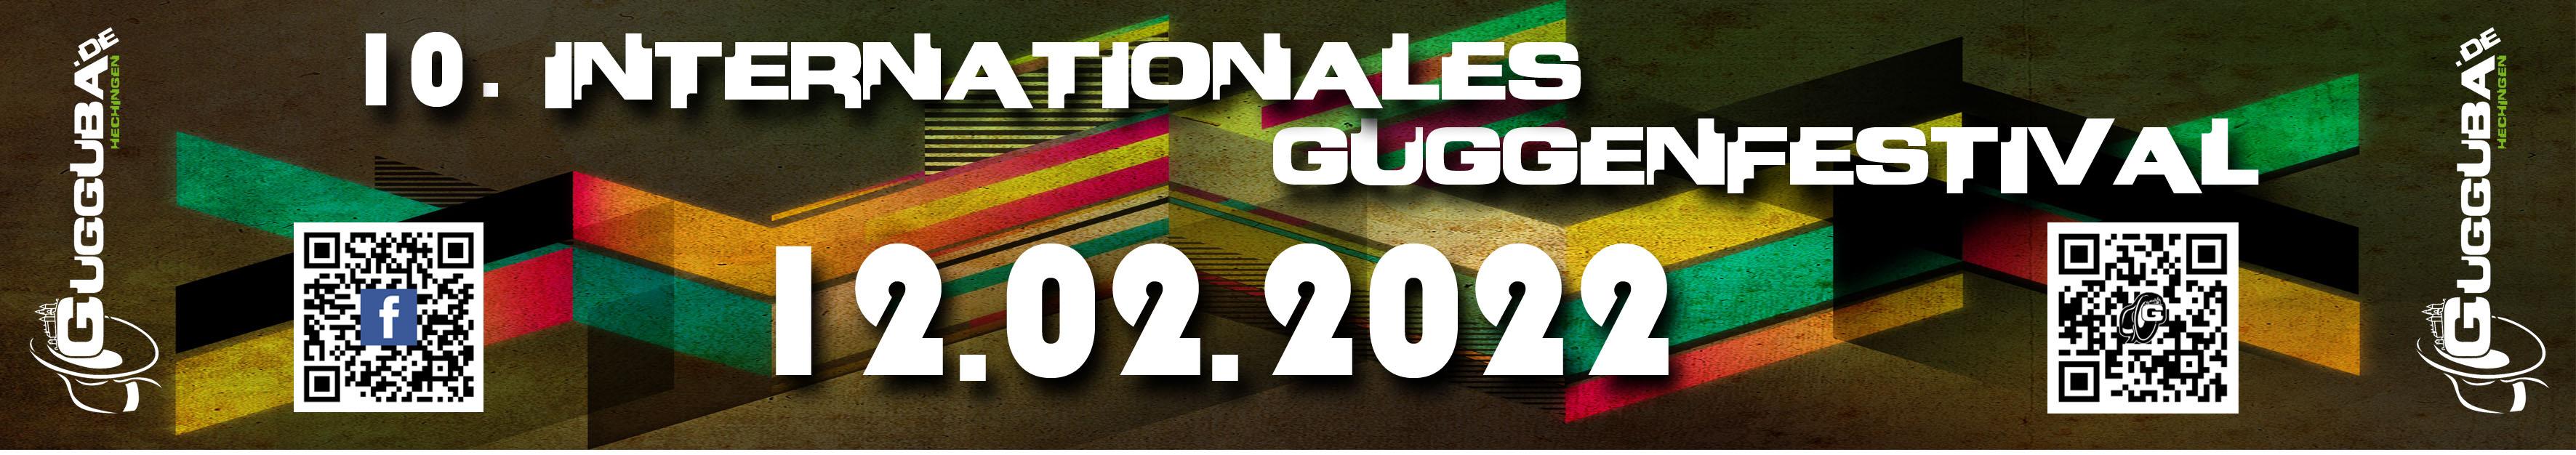 Festival 2022 - .: Gugguba Hechingen e.V. :.